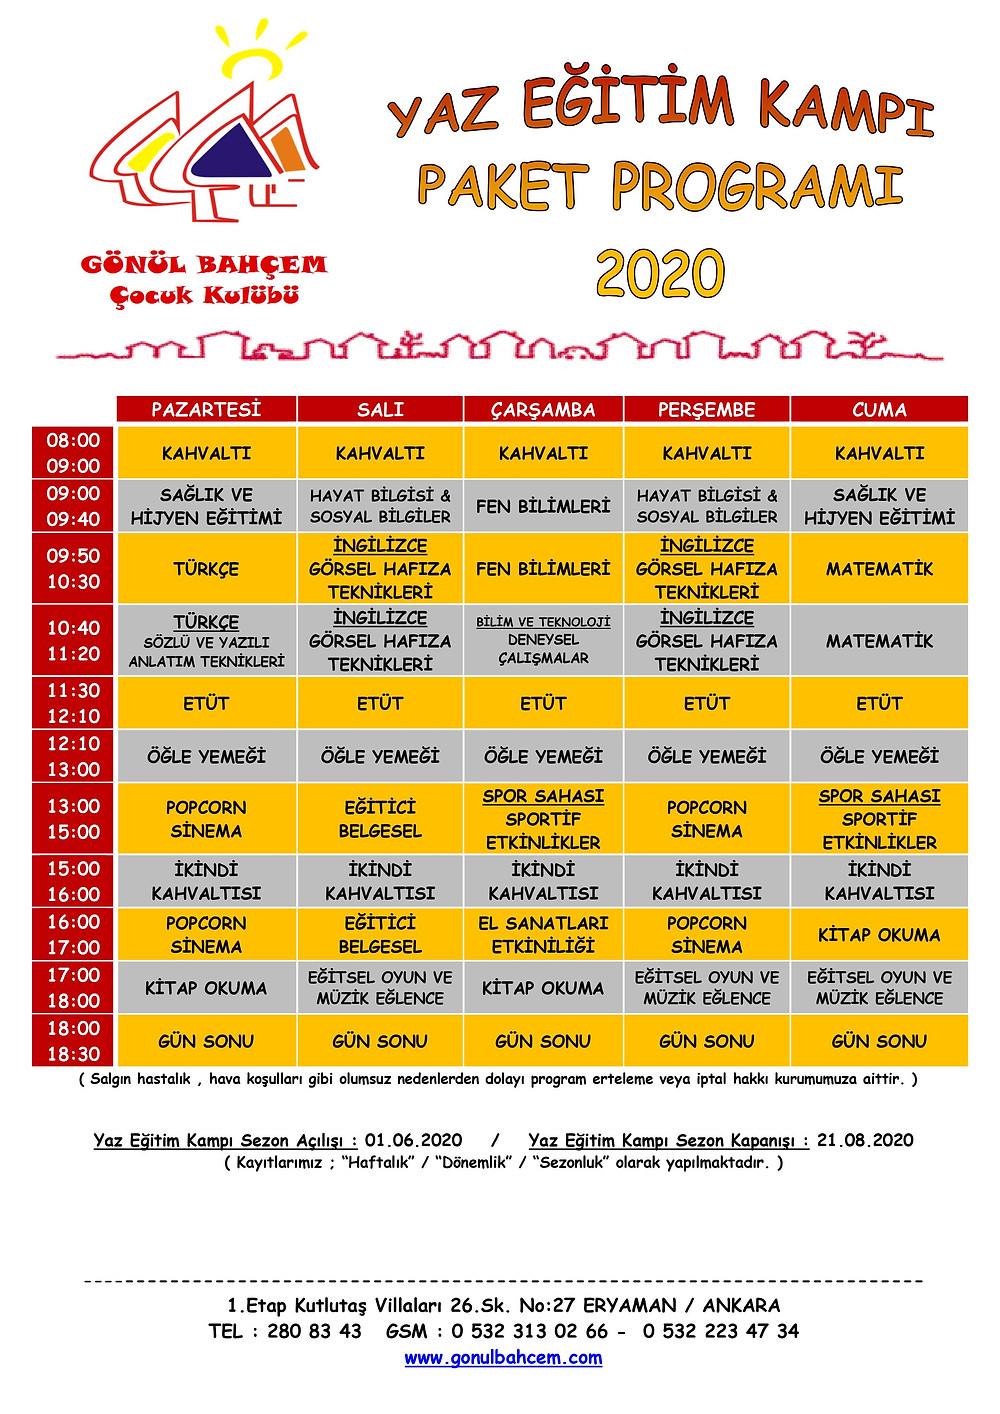 Gönül Bahçem Çocuk Kulübü 2020 Yaz Eğitim Kampı Programı!